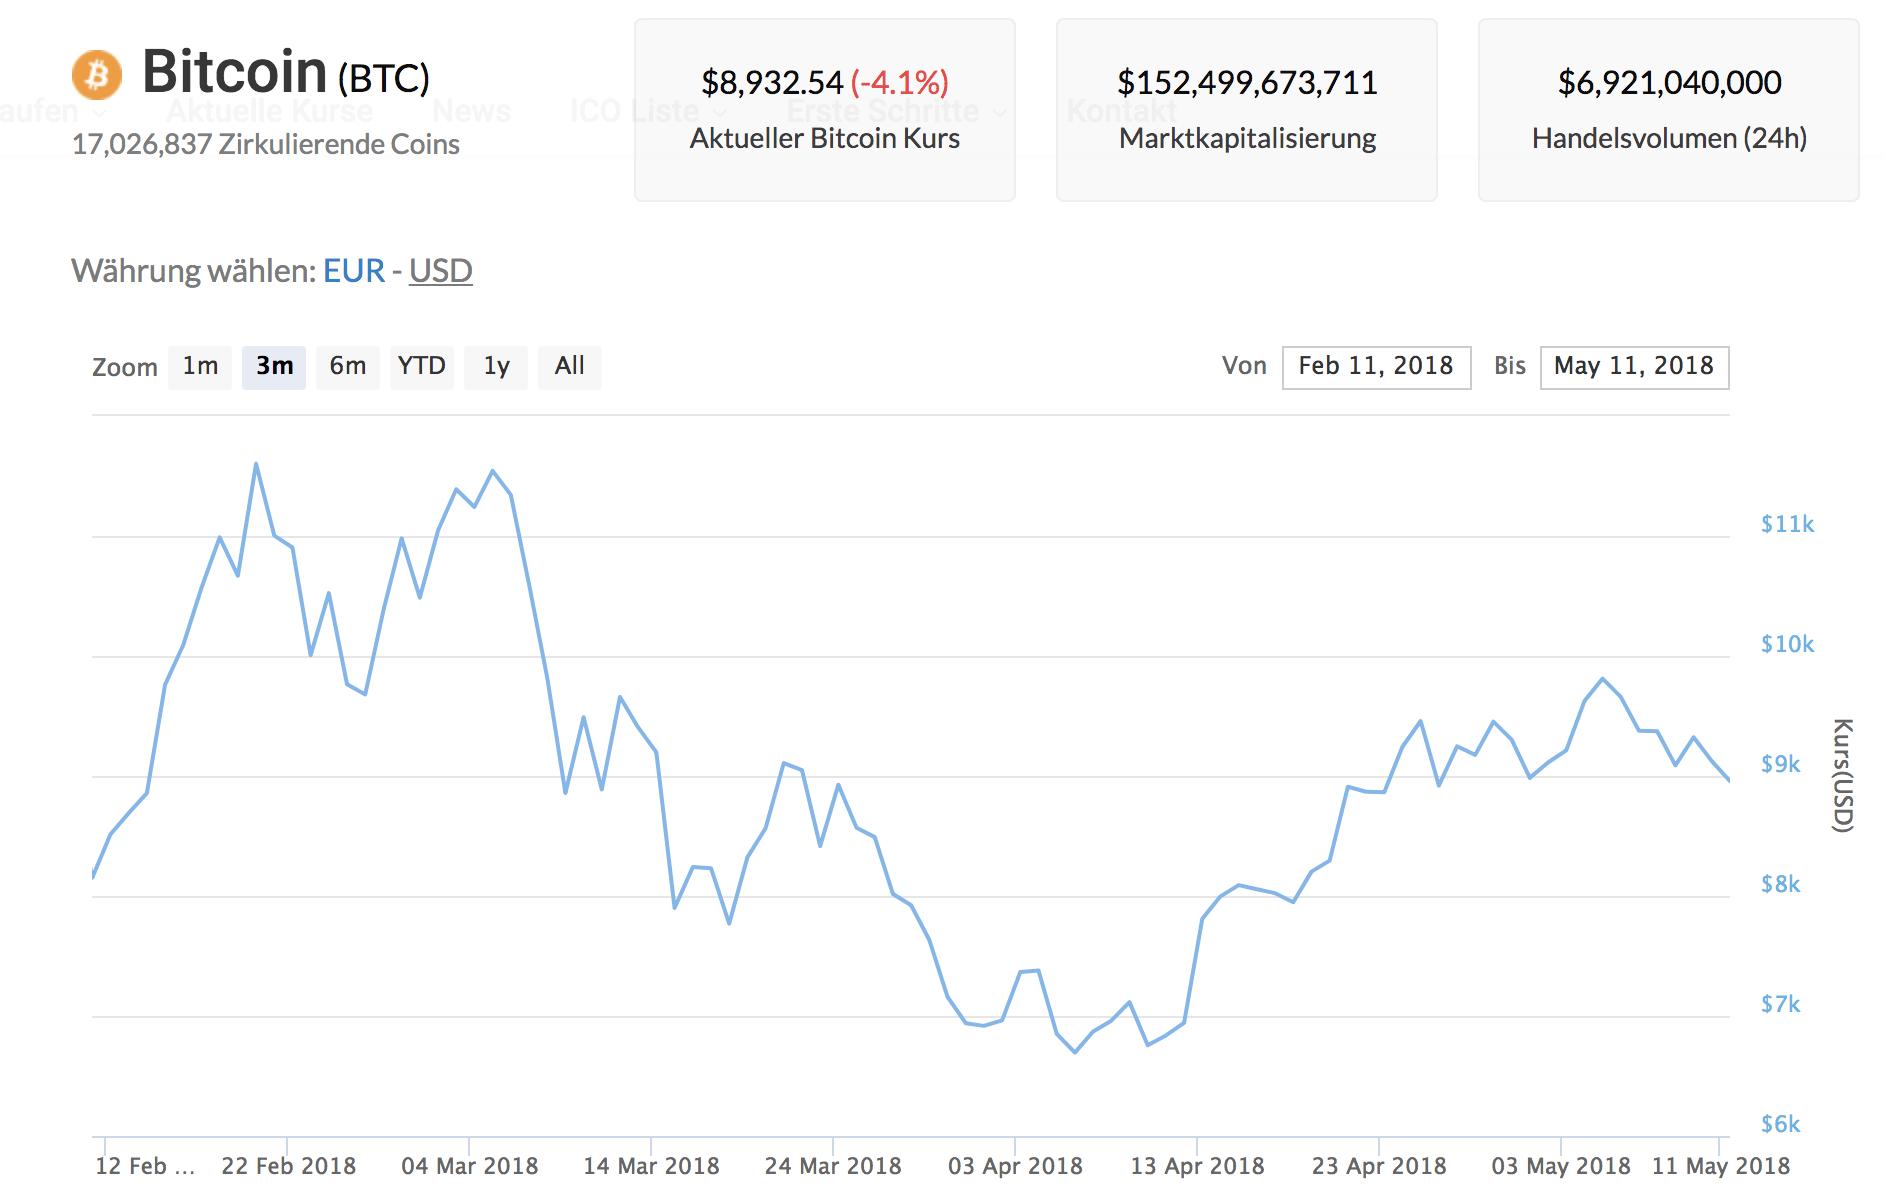 Aktueller Wert eines Bitcoin